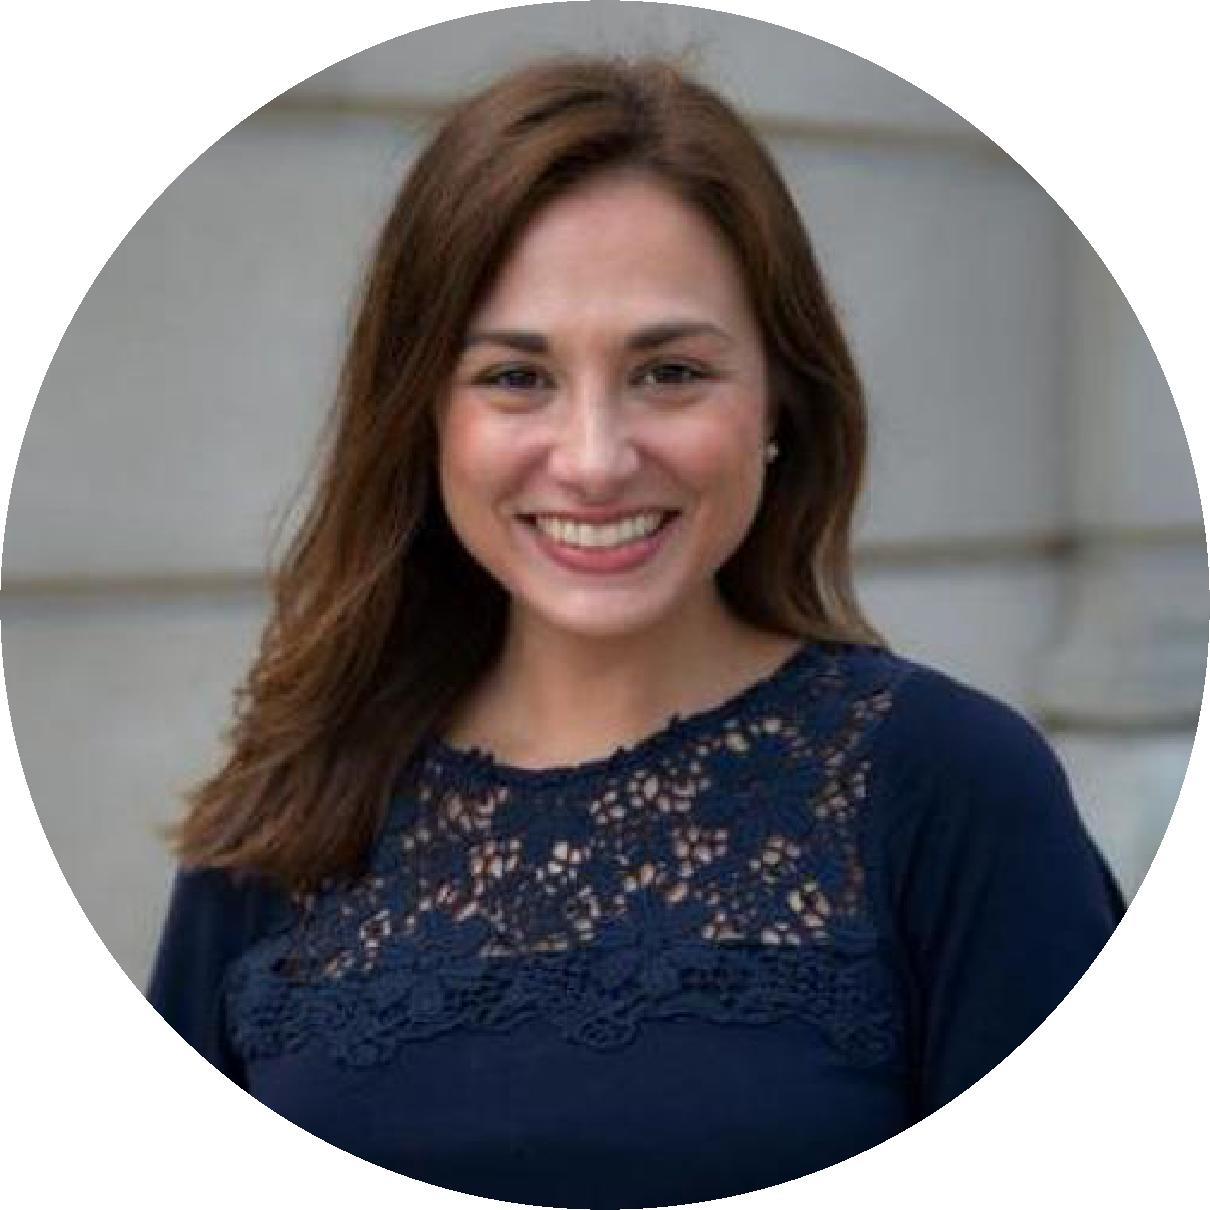 Jaclyn Calovine, Speaker at Women Impact Tech